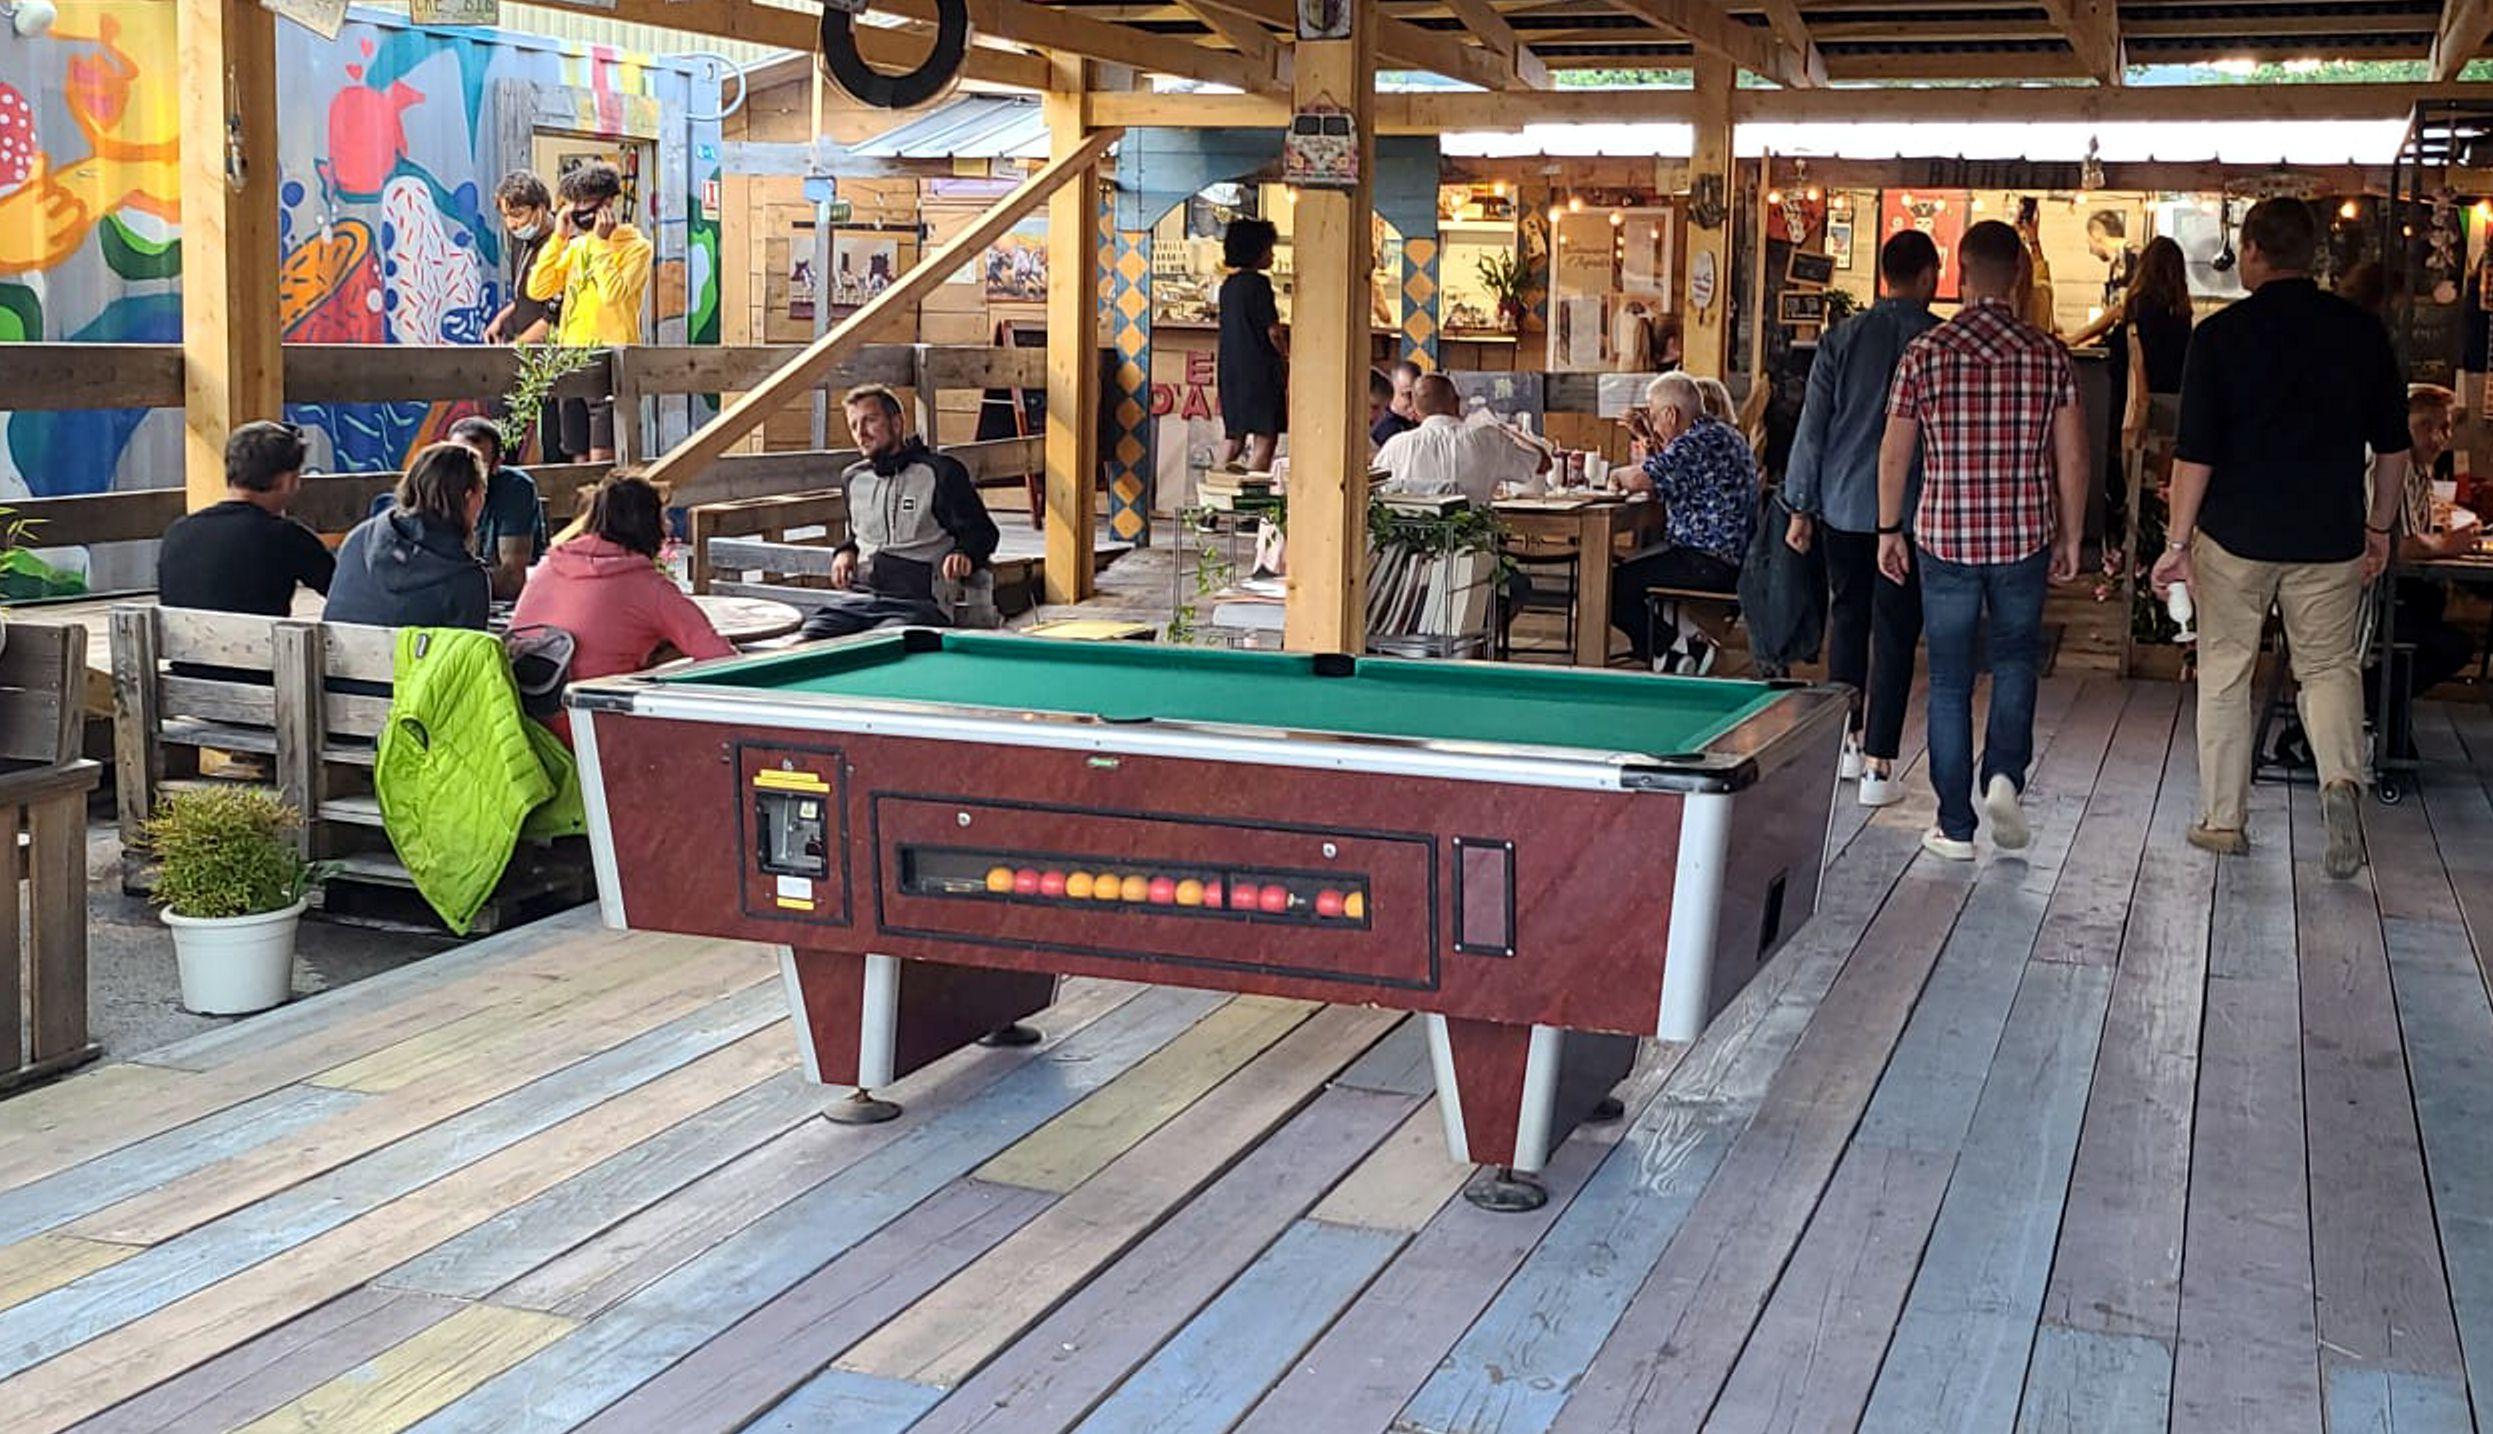 Table de billard. Marché de la Seiche à Sevrier - Lac d'Annecy